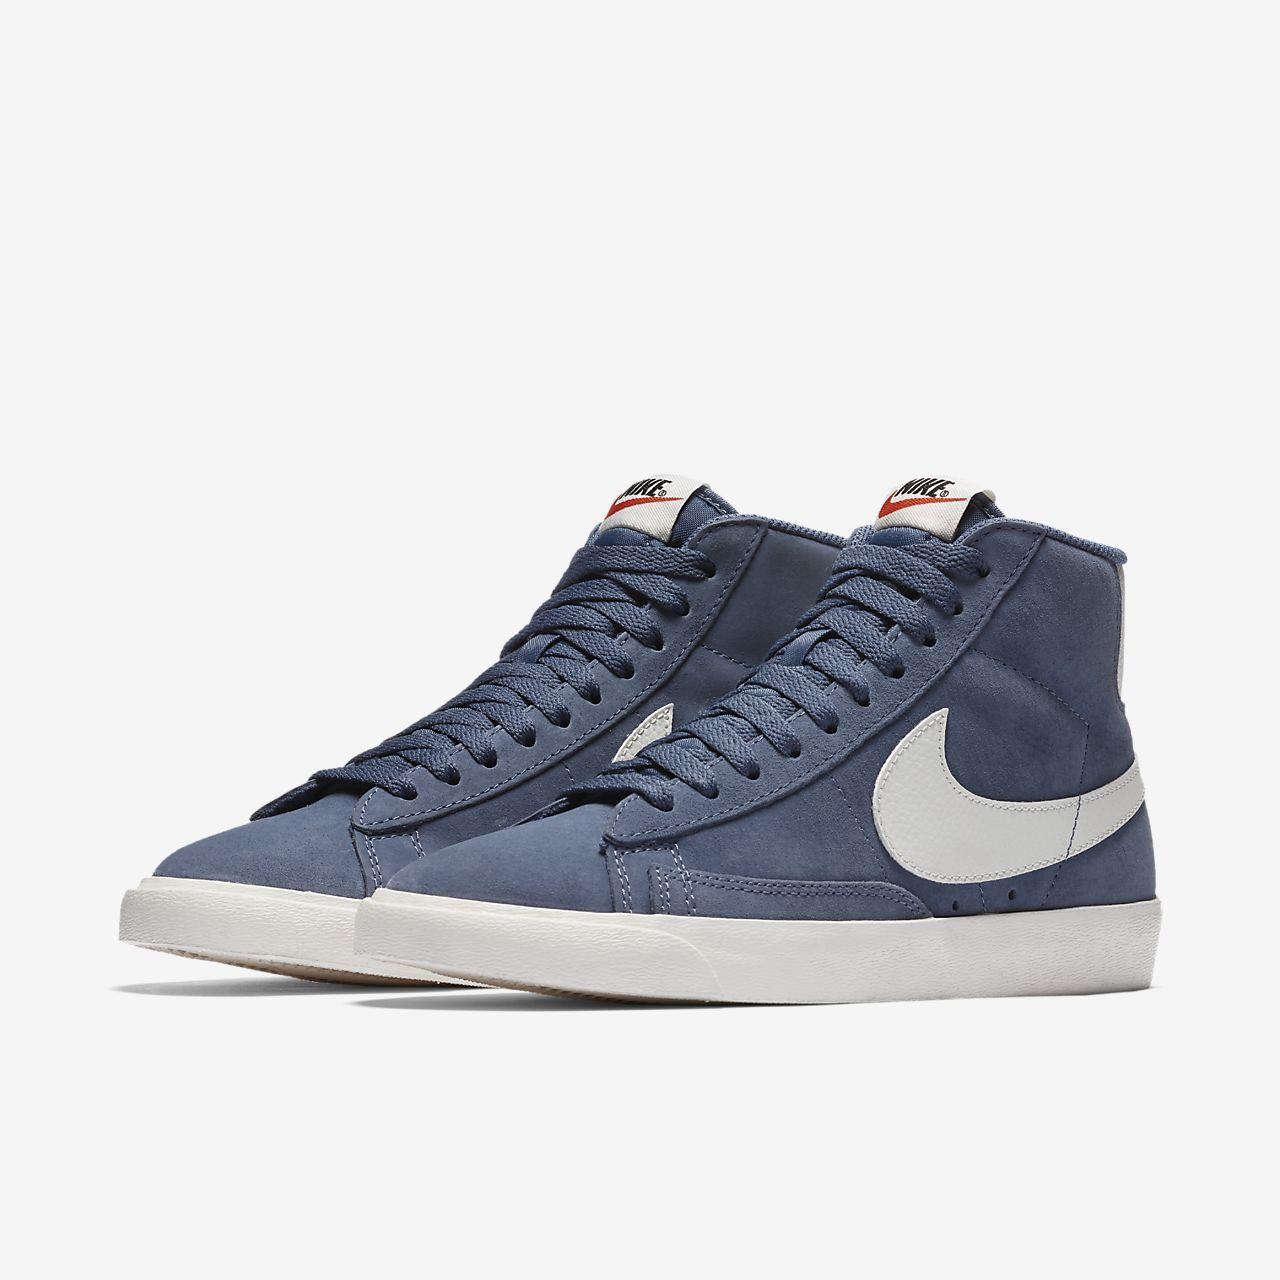 Nike Blazer Hommes Mi Vintage Veste Offre magasin rabais ordre pré sortie  vente pas cher Livraison